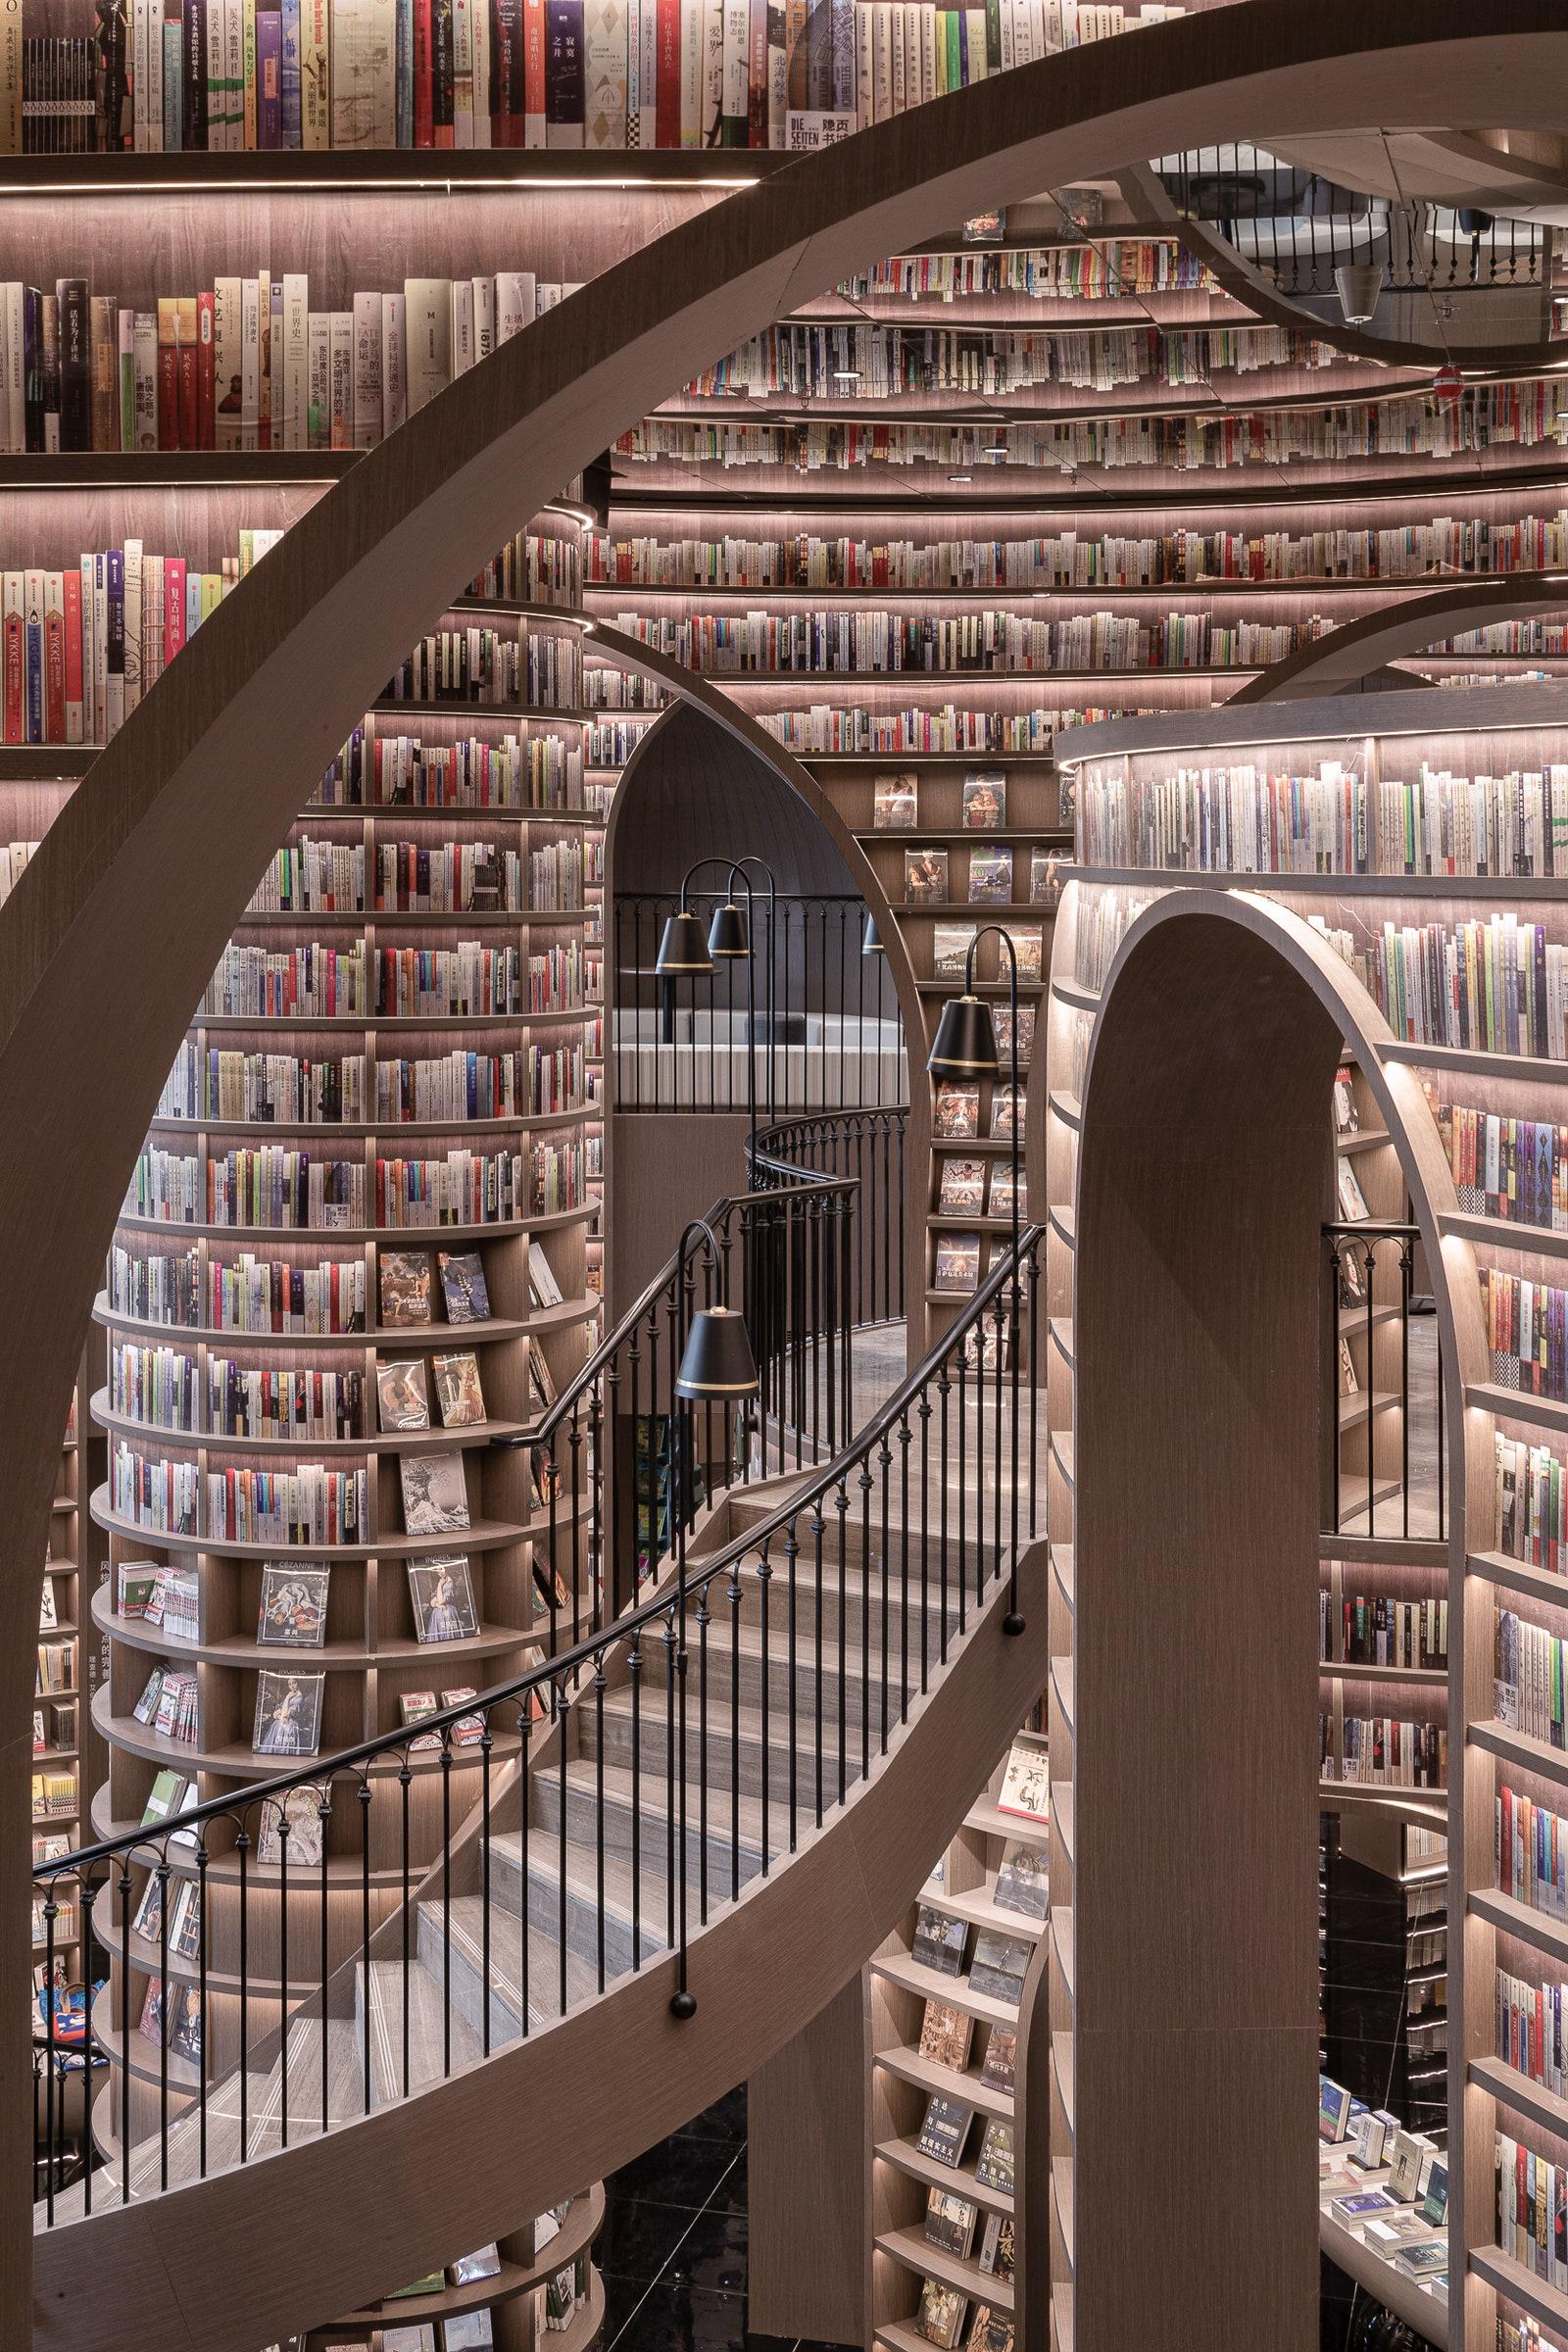 Книги від підлоги до стелі: у Китаї відкрився книжковий магазин із неймовірним інтер'єром - фото 4